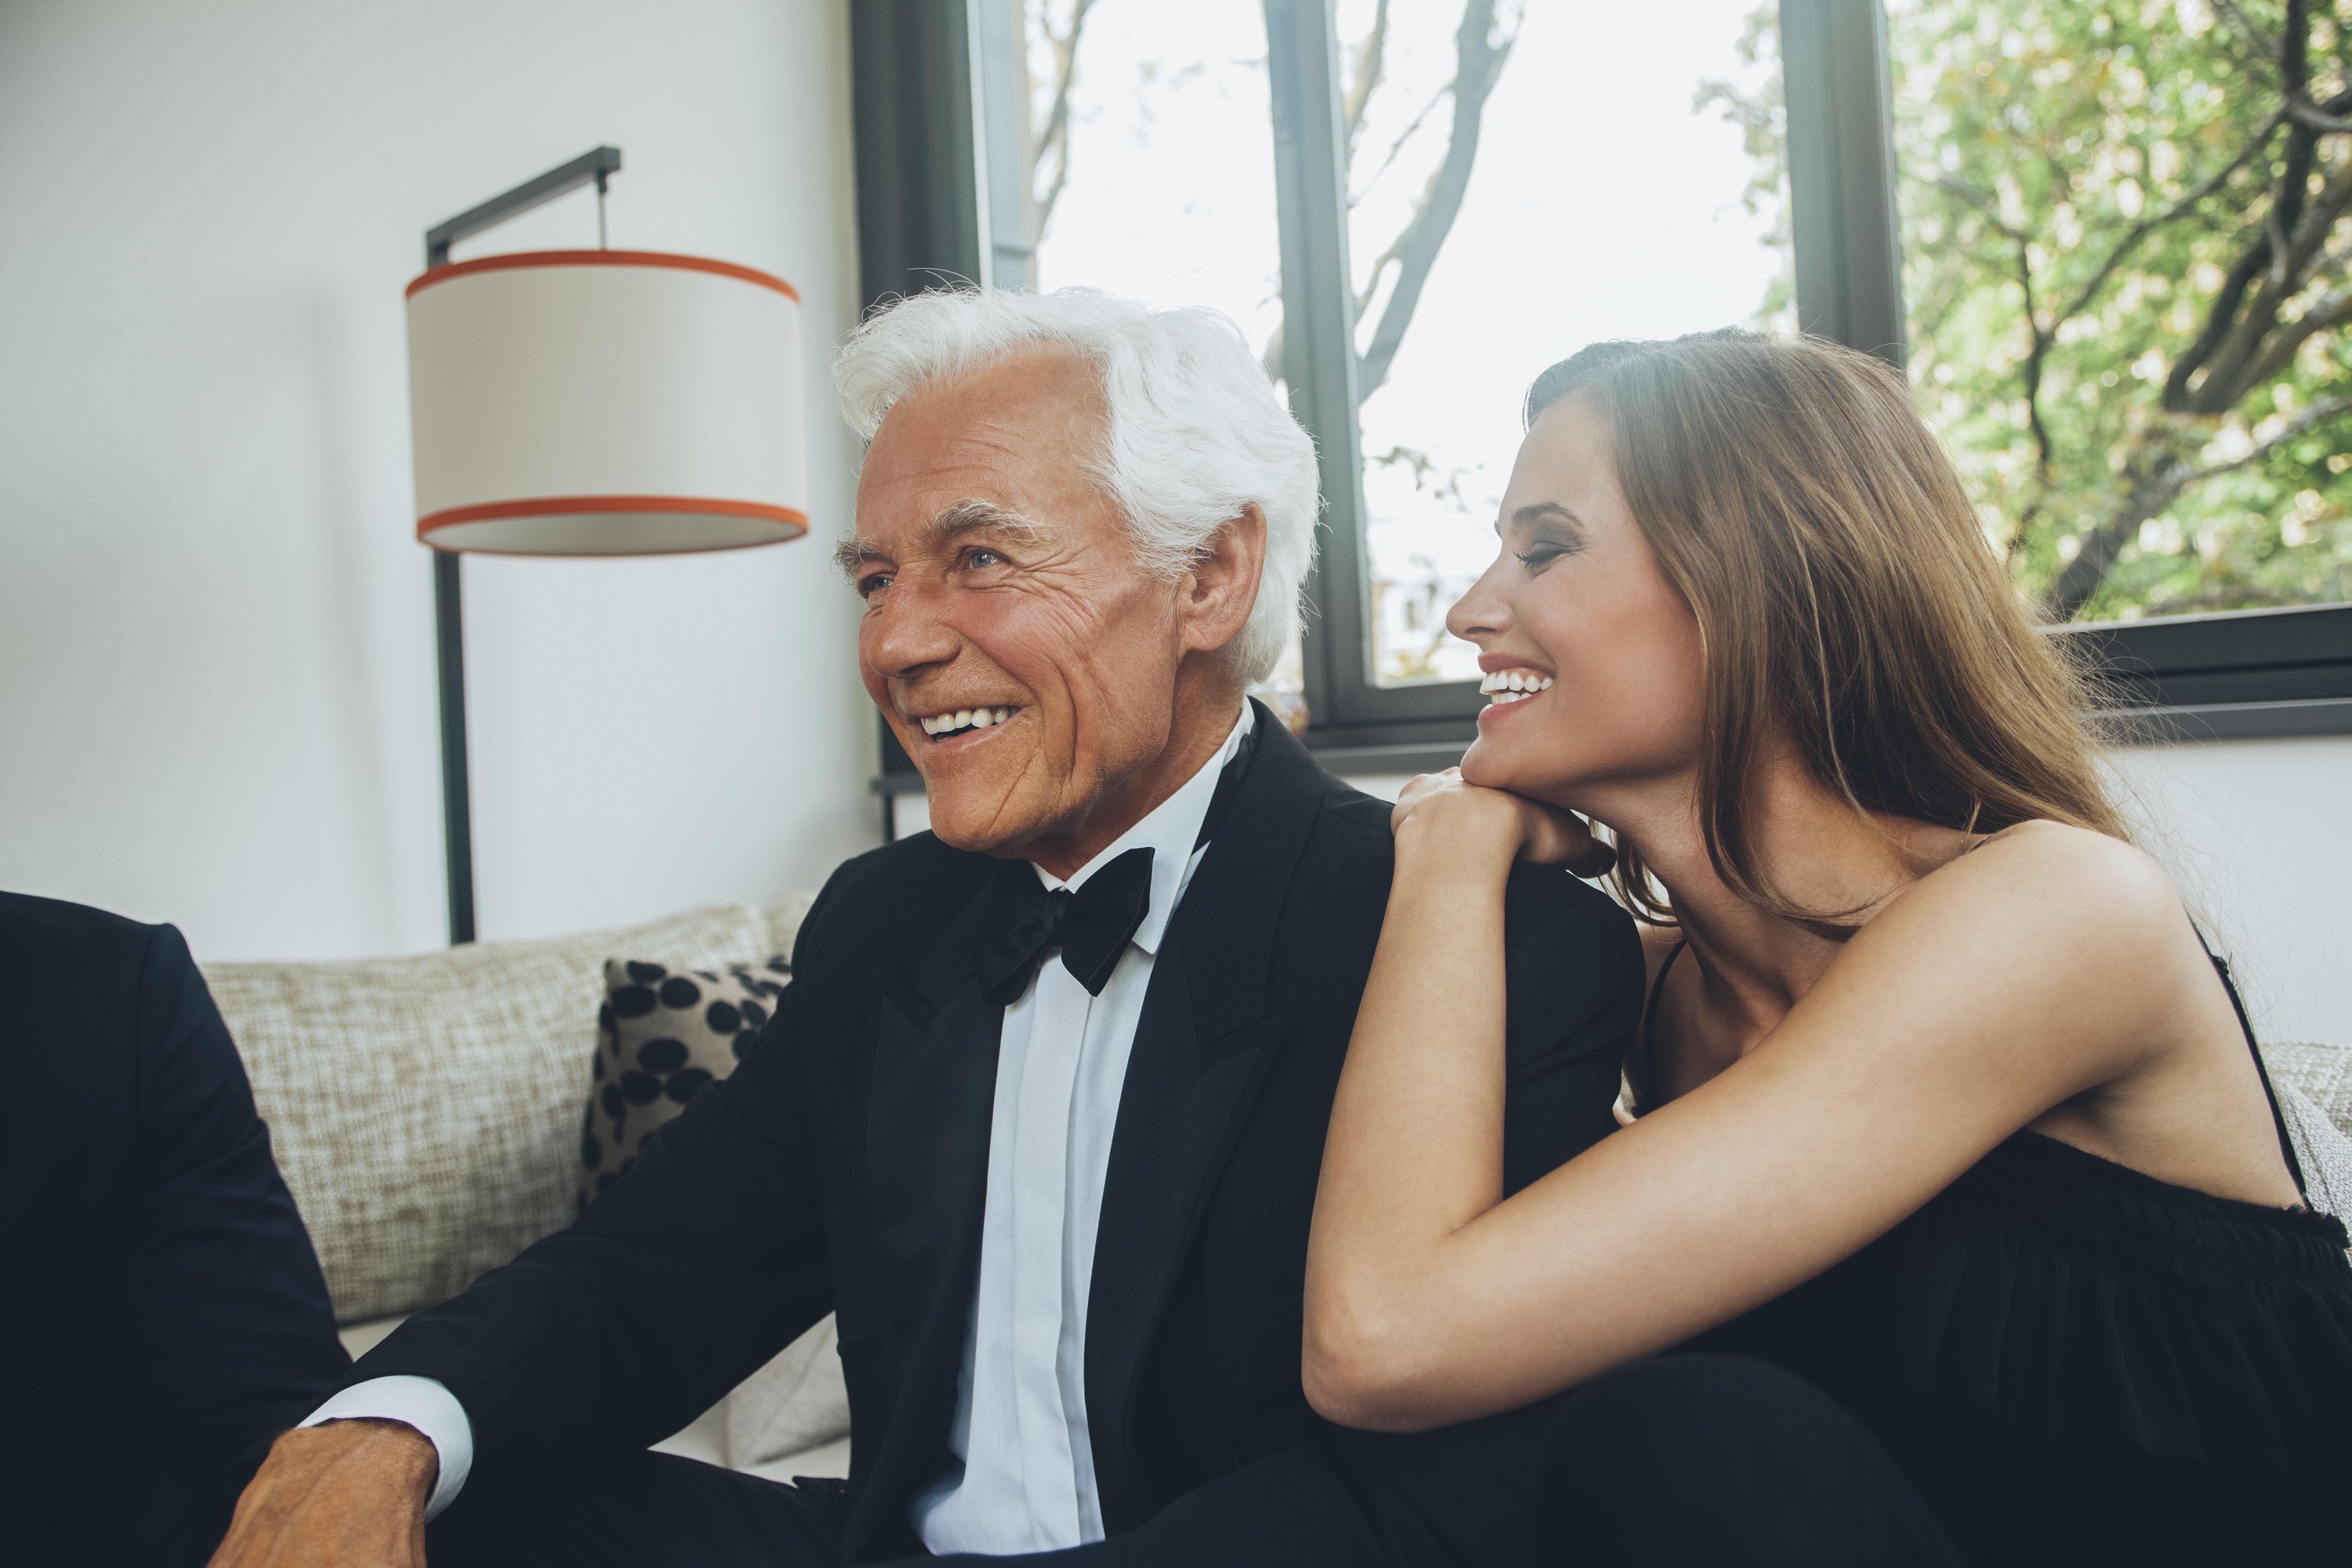 Erotic old men young women sex